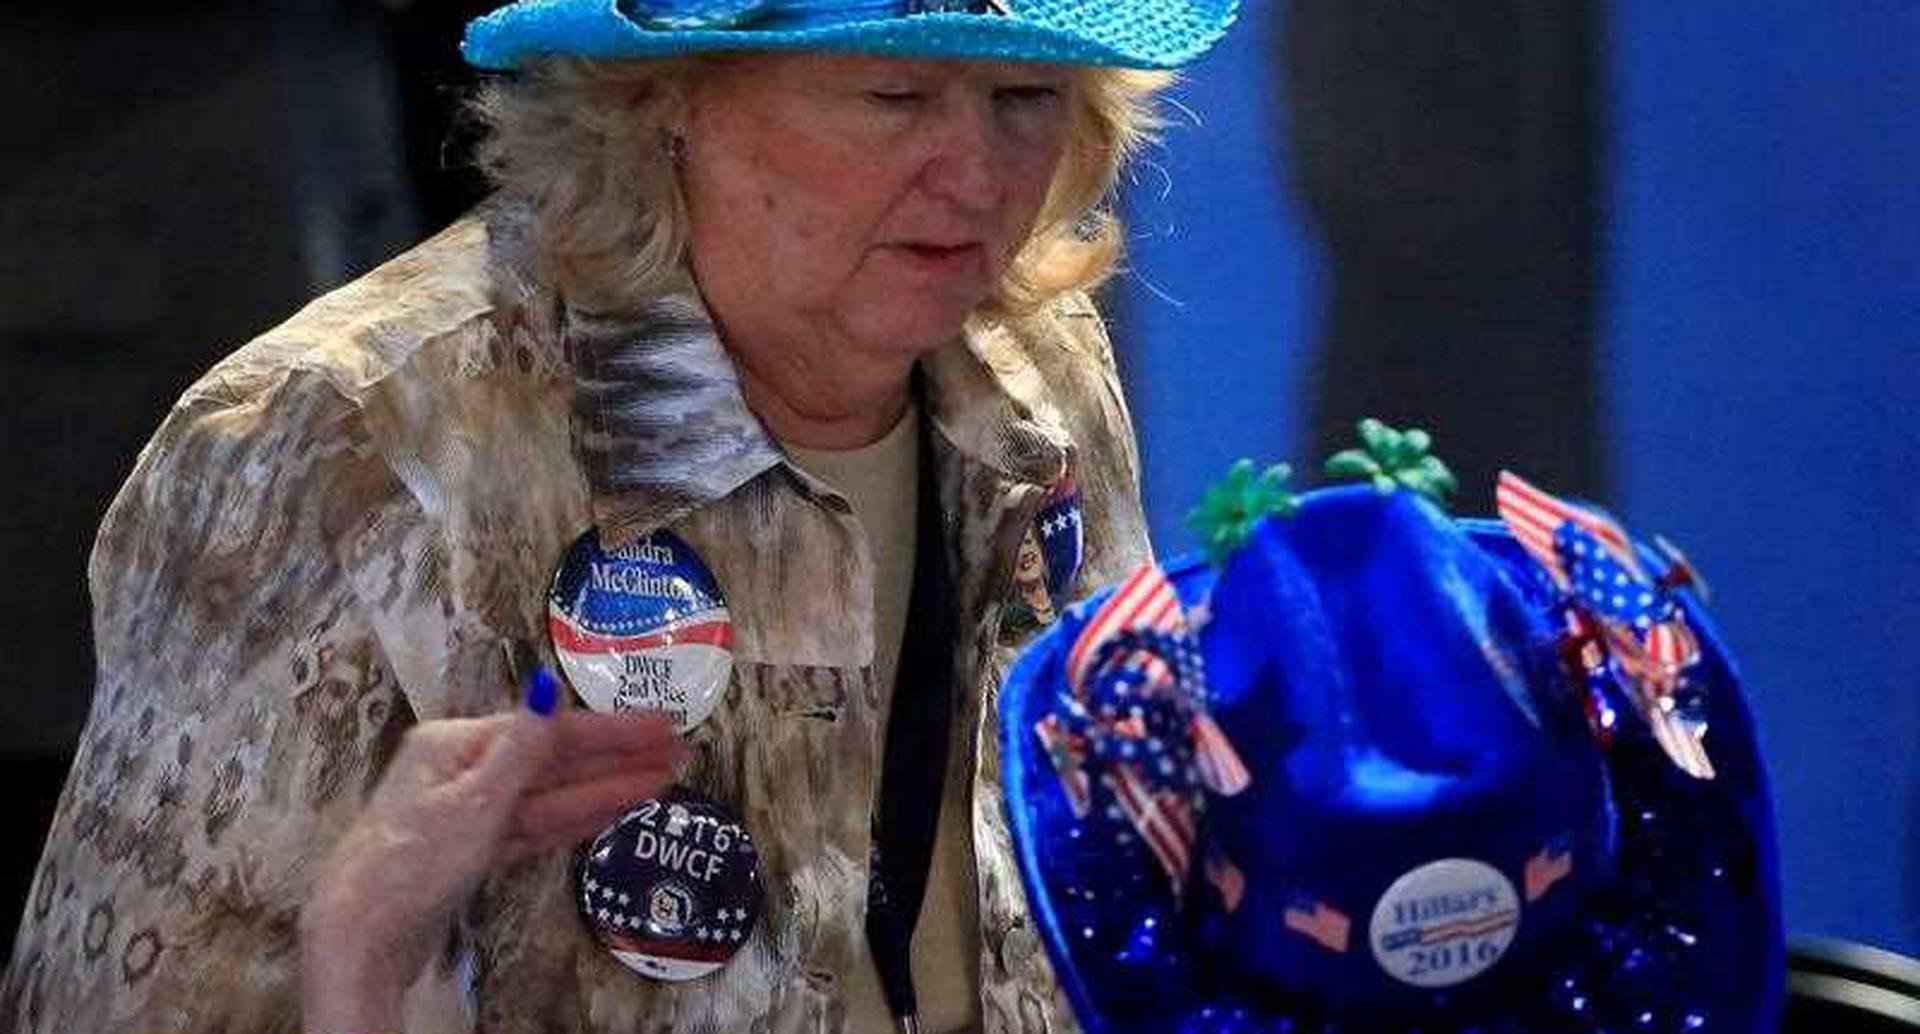 Durante el tercer día de la convención del partido demócrata en las Elecciones de EE UU, esperan que al final de los cuatros días del evento, Hilary Clinton acepte formalmente su candidatura para la presidencia en 2016.